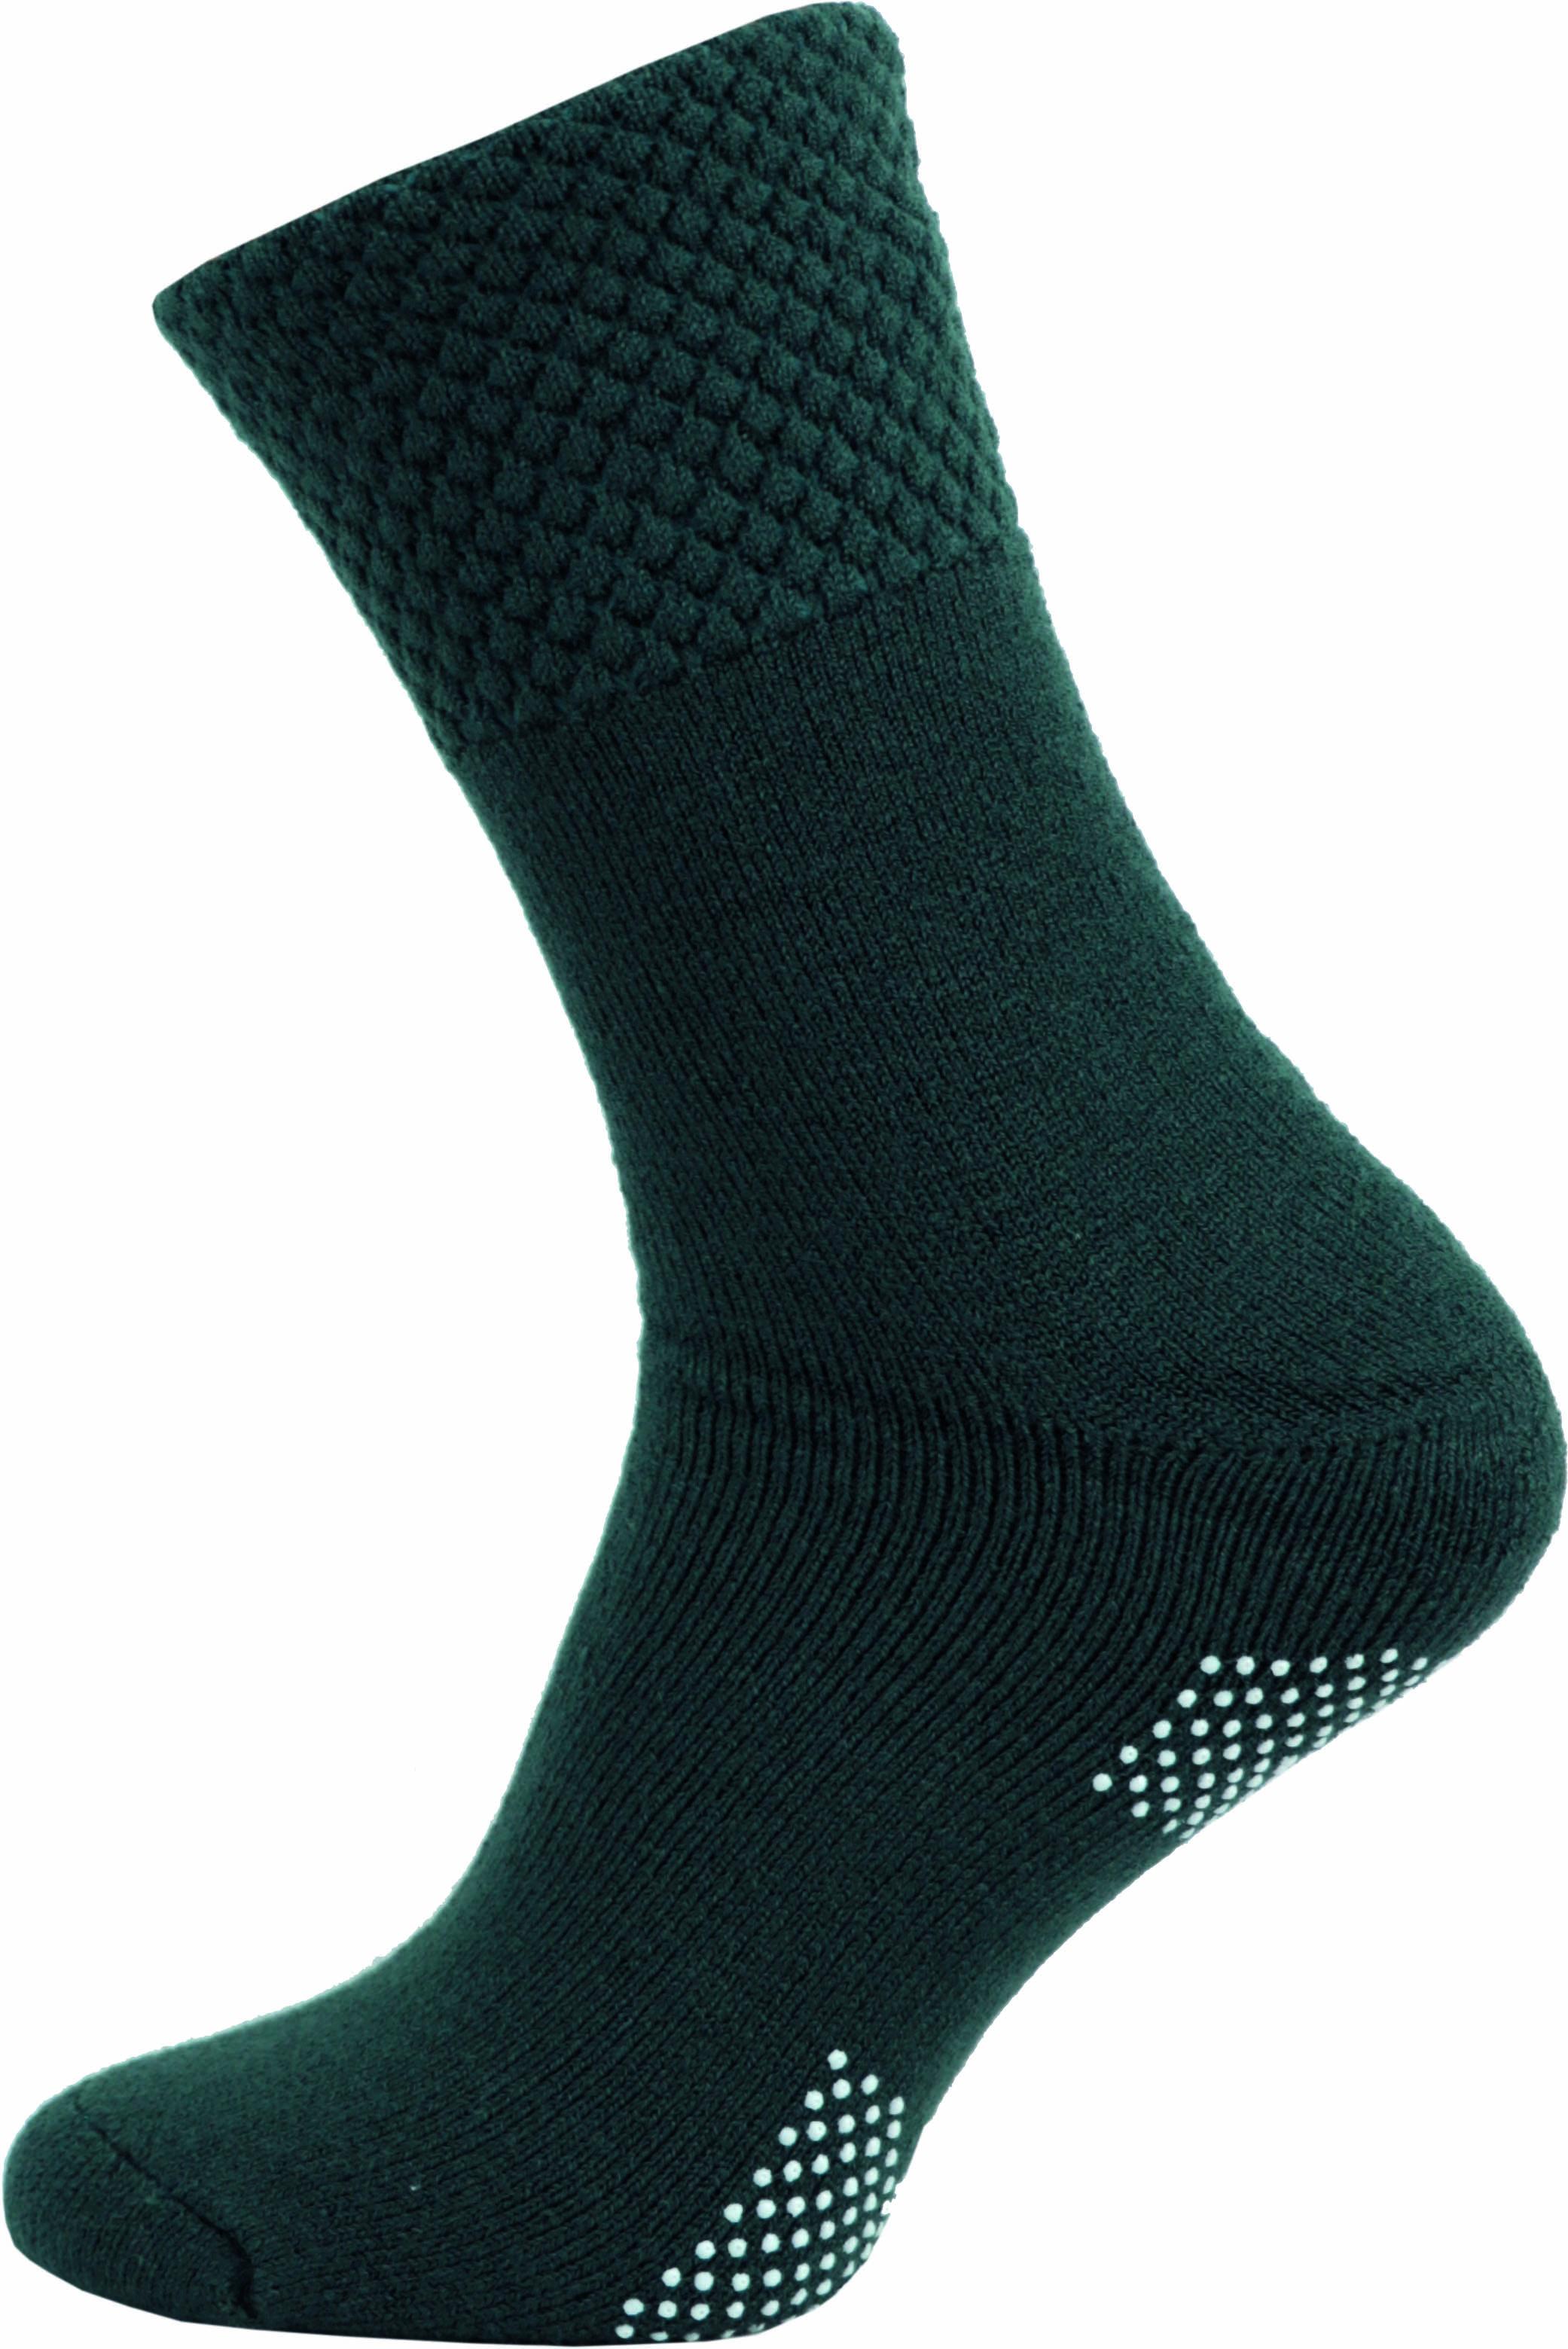 Froté Ponožky NOVIA 92N tmavě šedé Velikost: 35-38